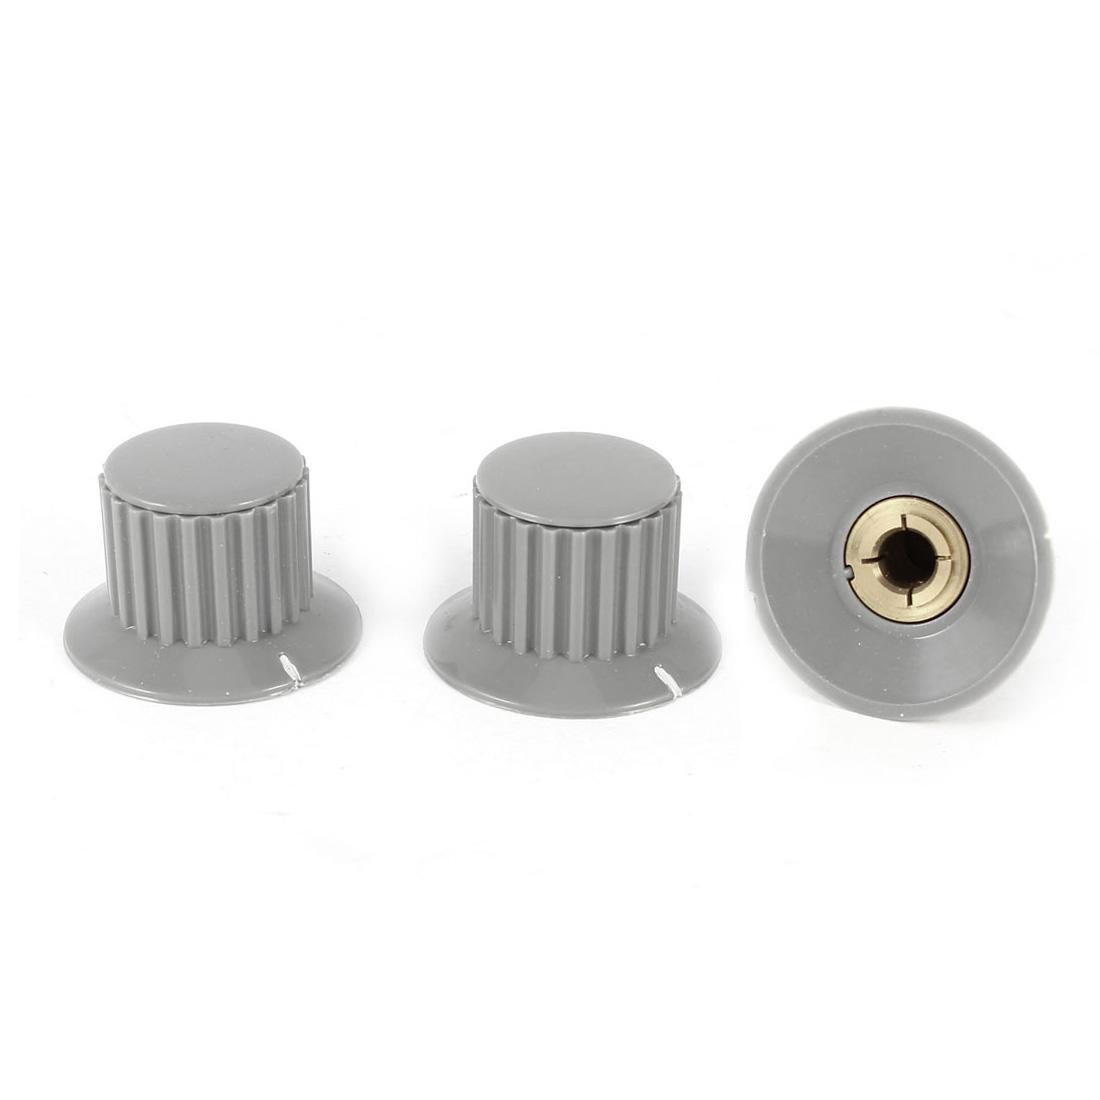 3 Pcs 6mm Hole Diameter Potentiometer Knob Cover Cap 32mmx20mm Gray KDJ32-20-6J